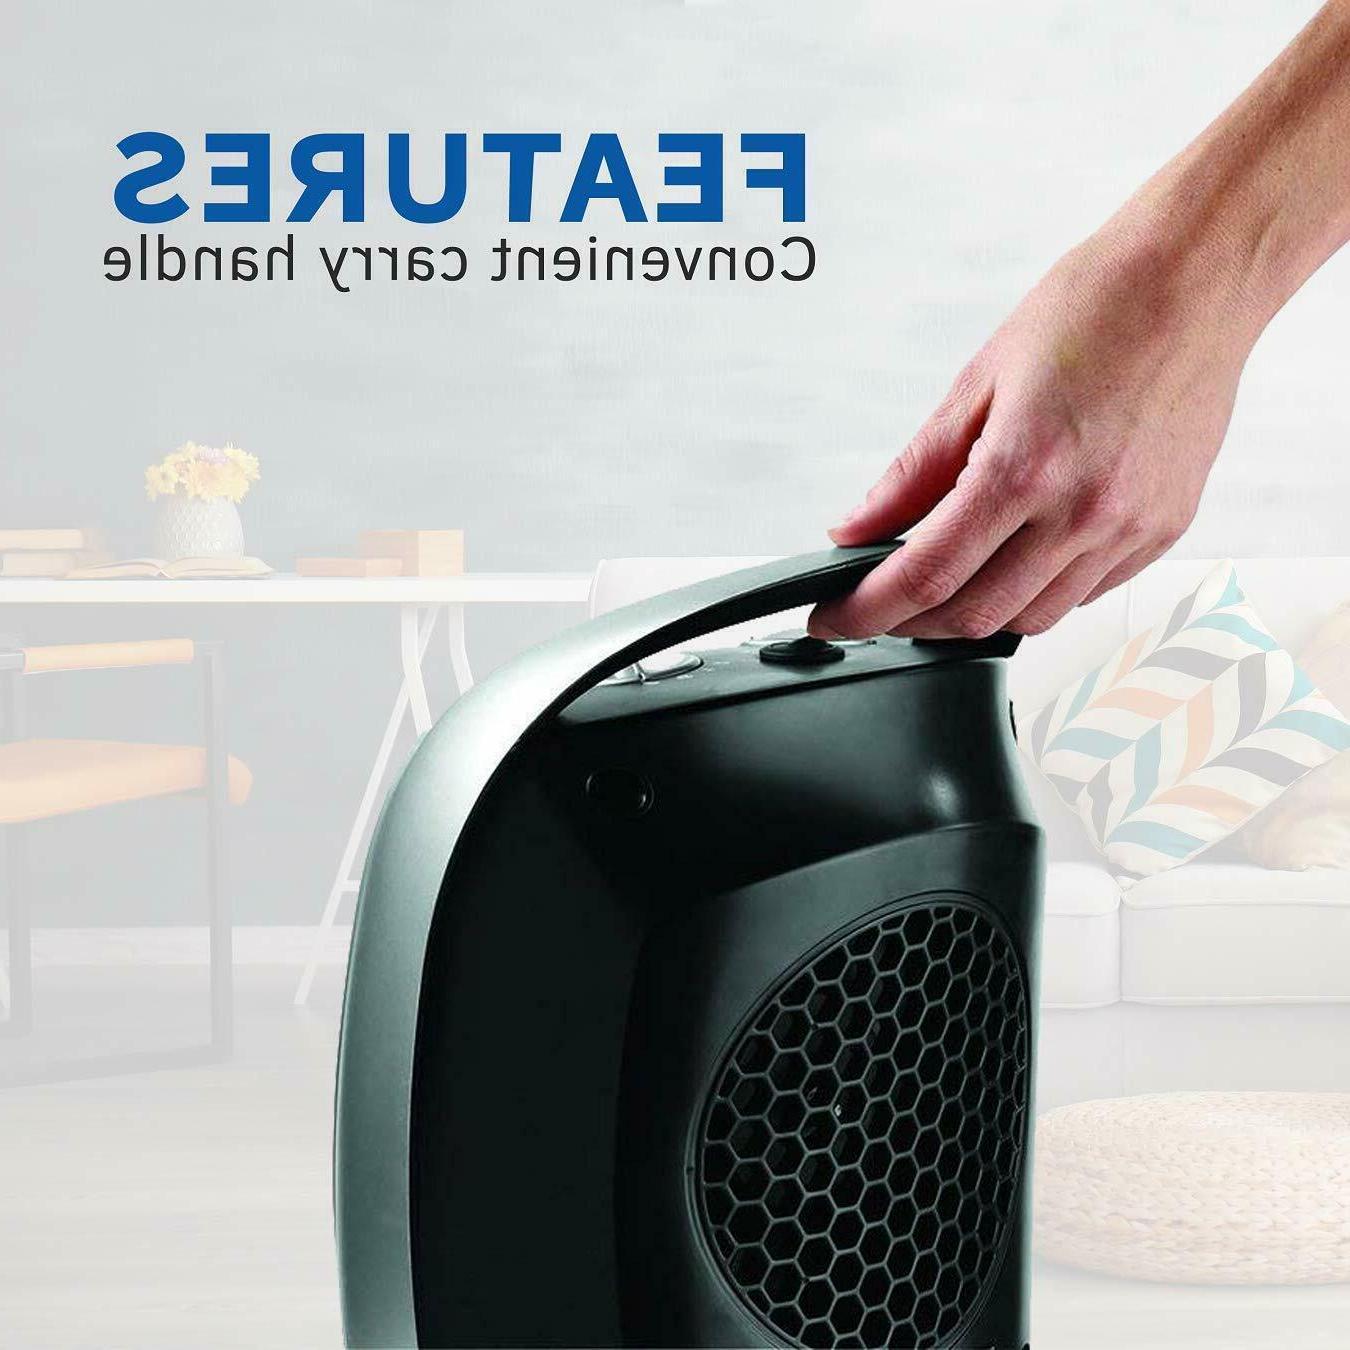 Lasko Space Heater Warm For tabletop 1500W